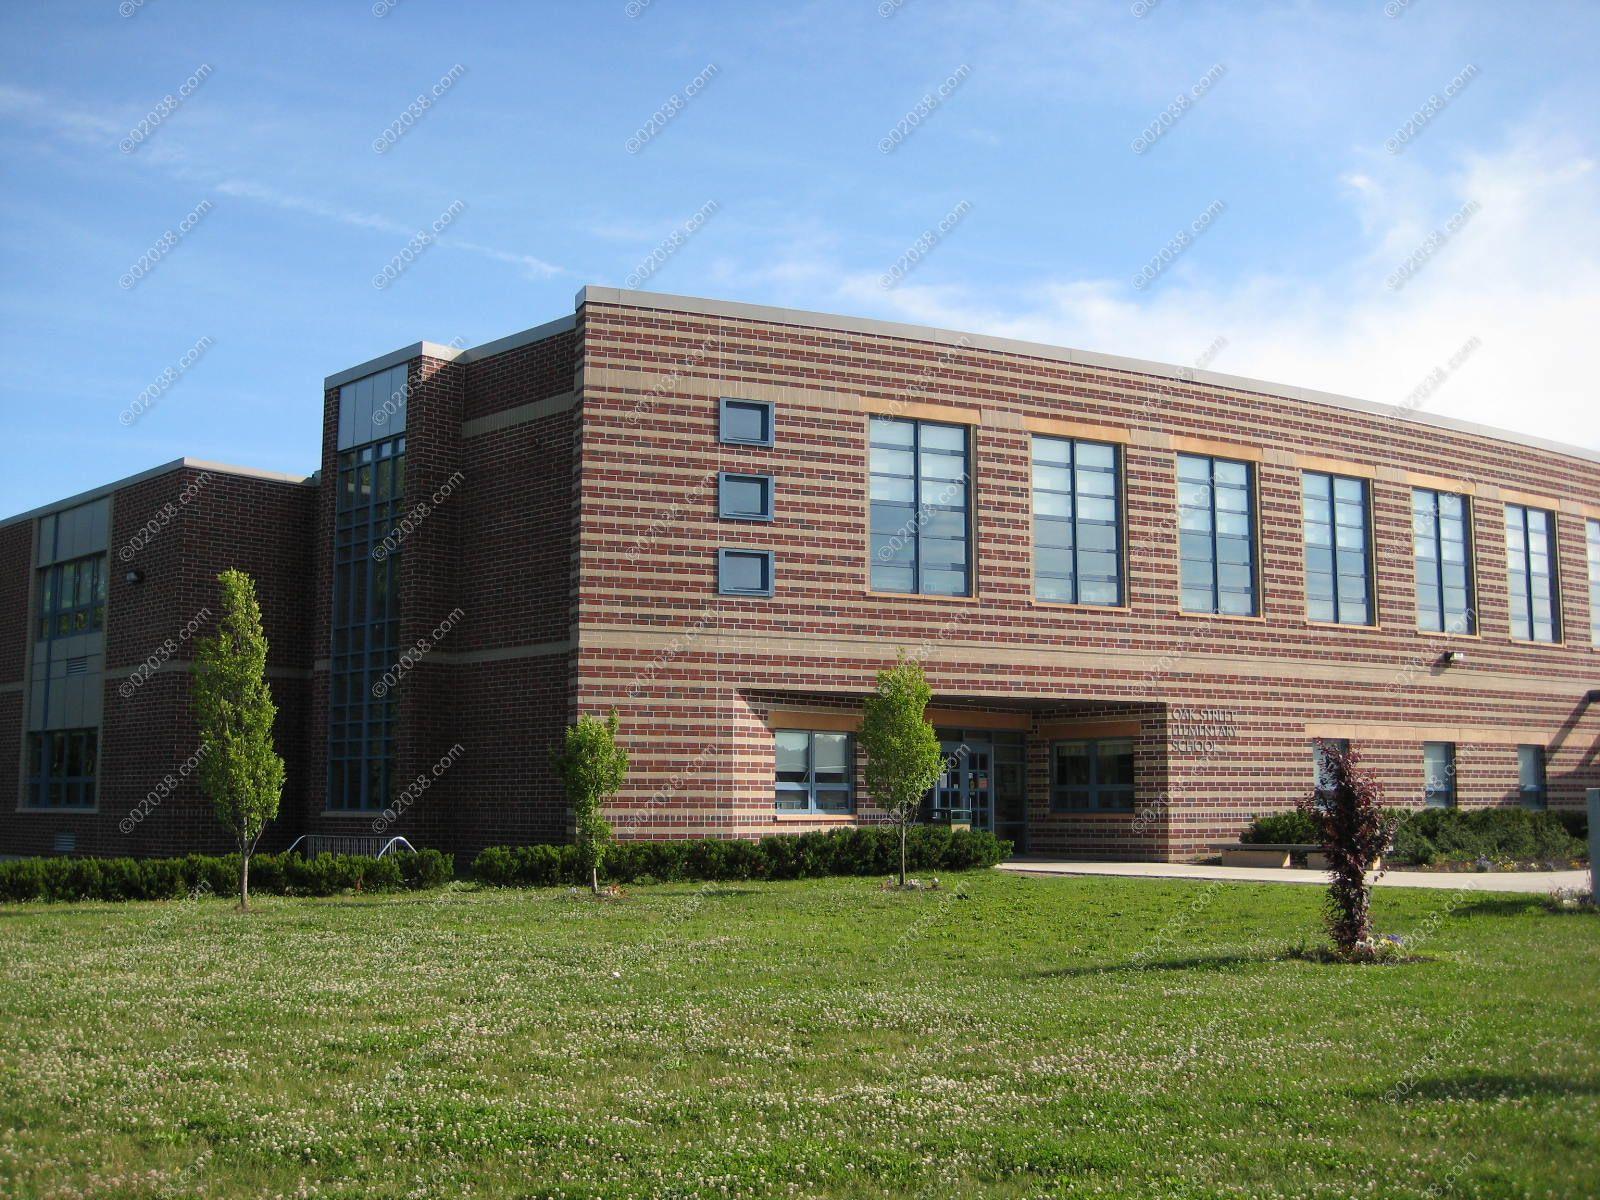 oak-st-elementary-school-franklin-ma-2.jpg